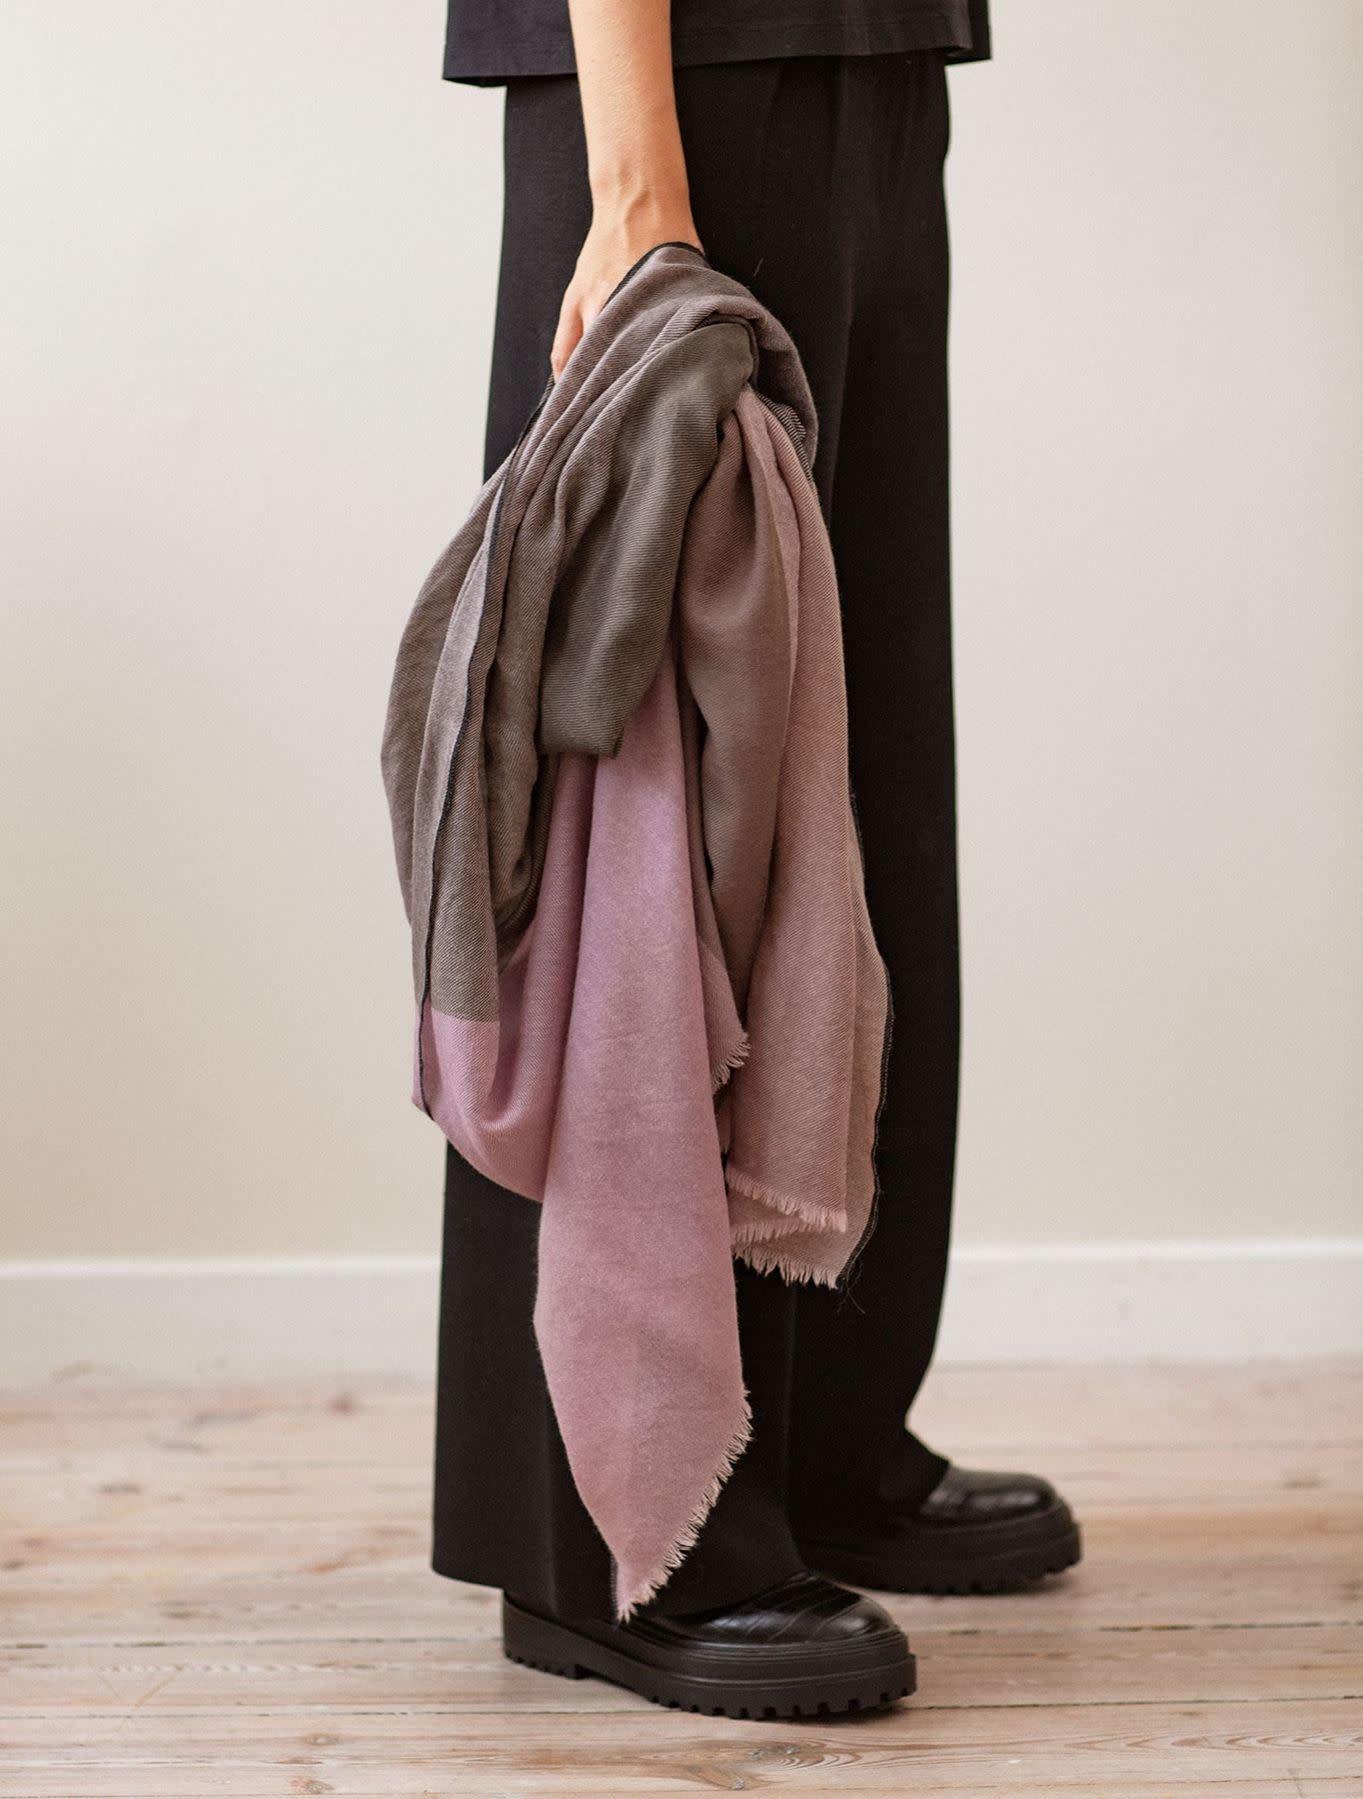 Beck Söndergaard Zulala wool scarf - desert sand